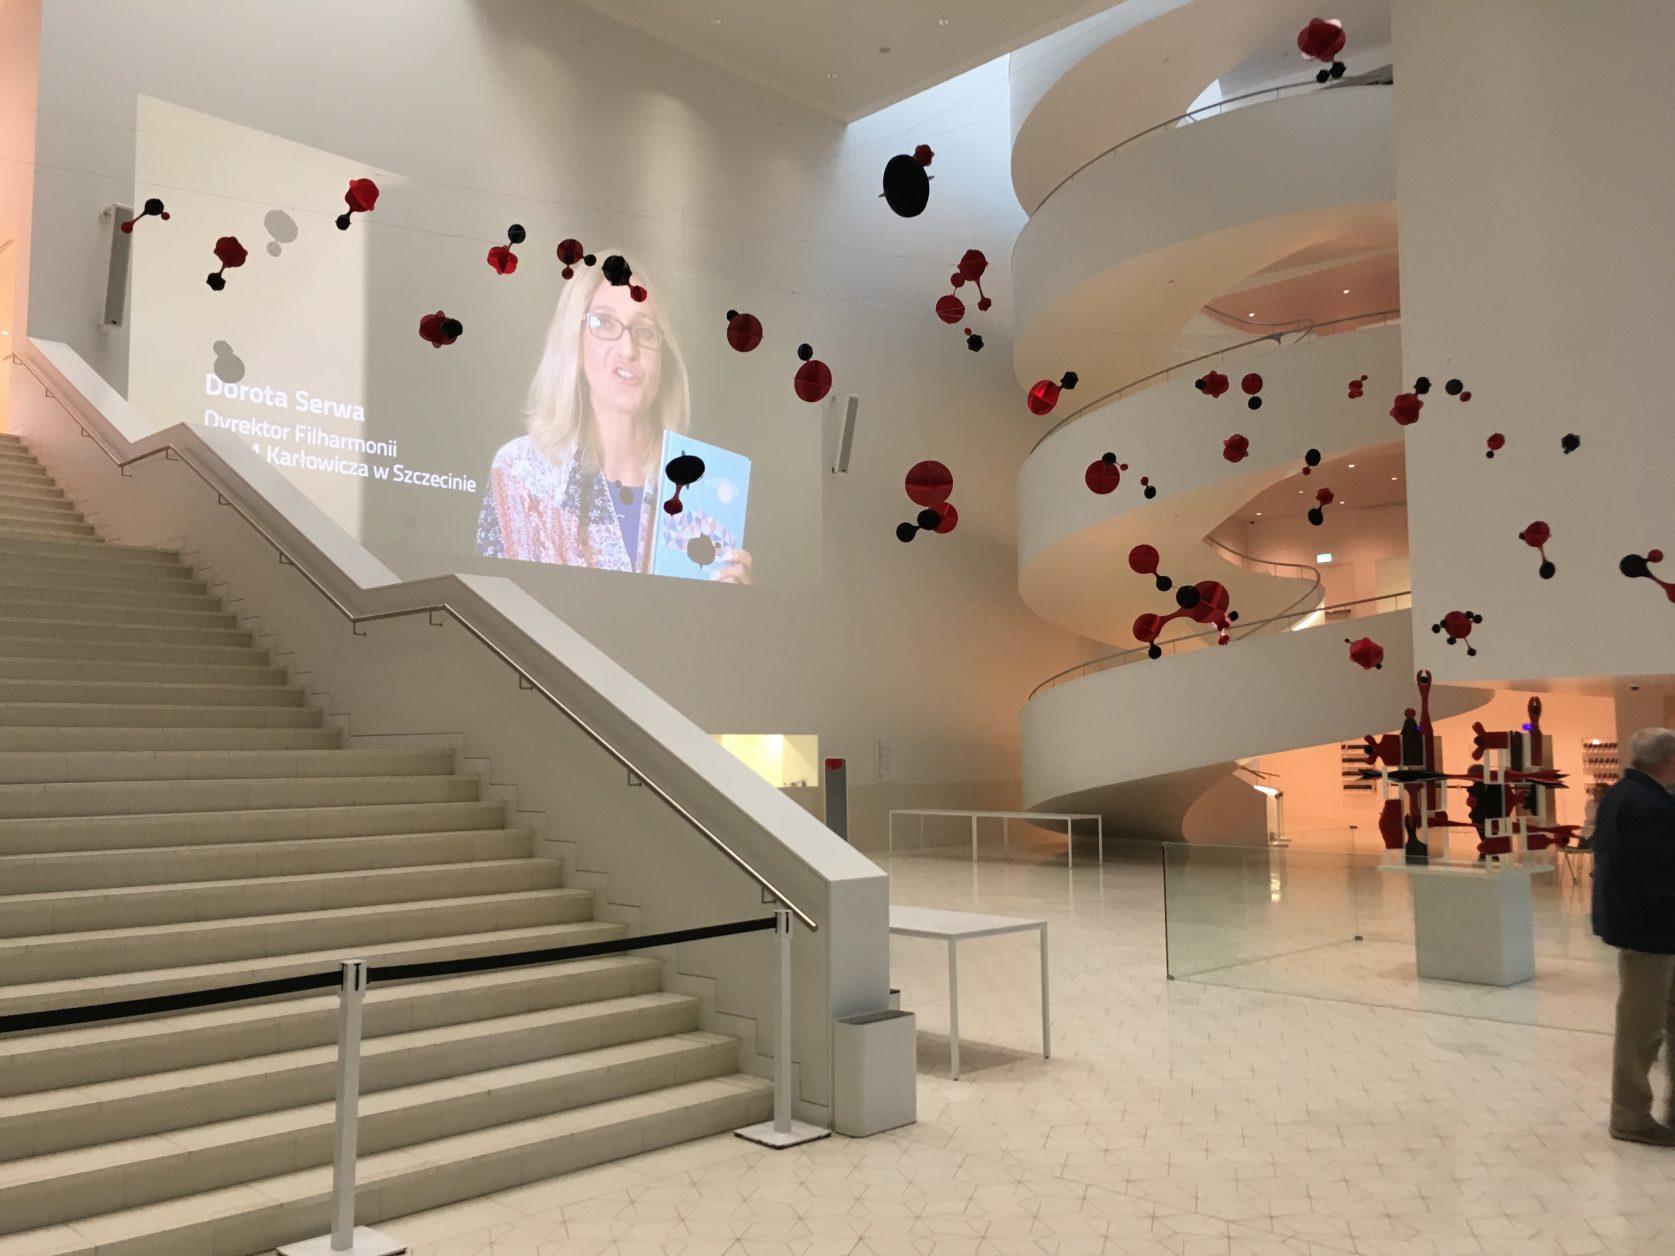 Die weiße Lobby mit der Wendeltreppe erinnert Ozeandampfer. Raum für Kunstprojekte, ansonsten strahlend weiß.